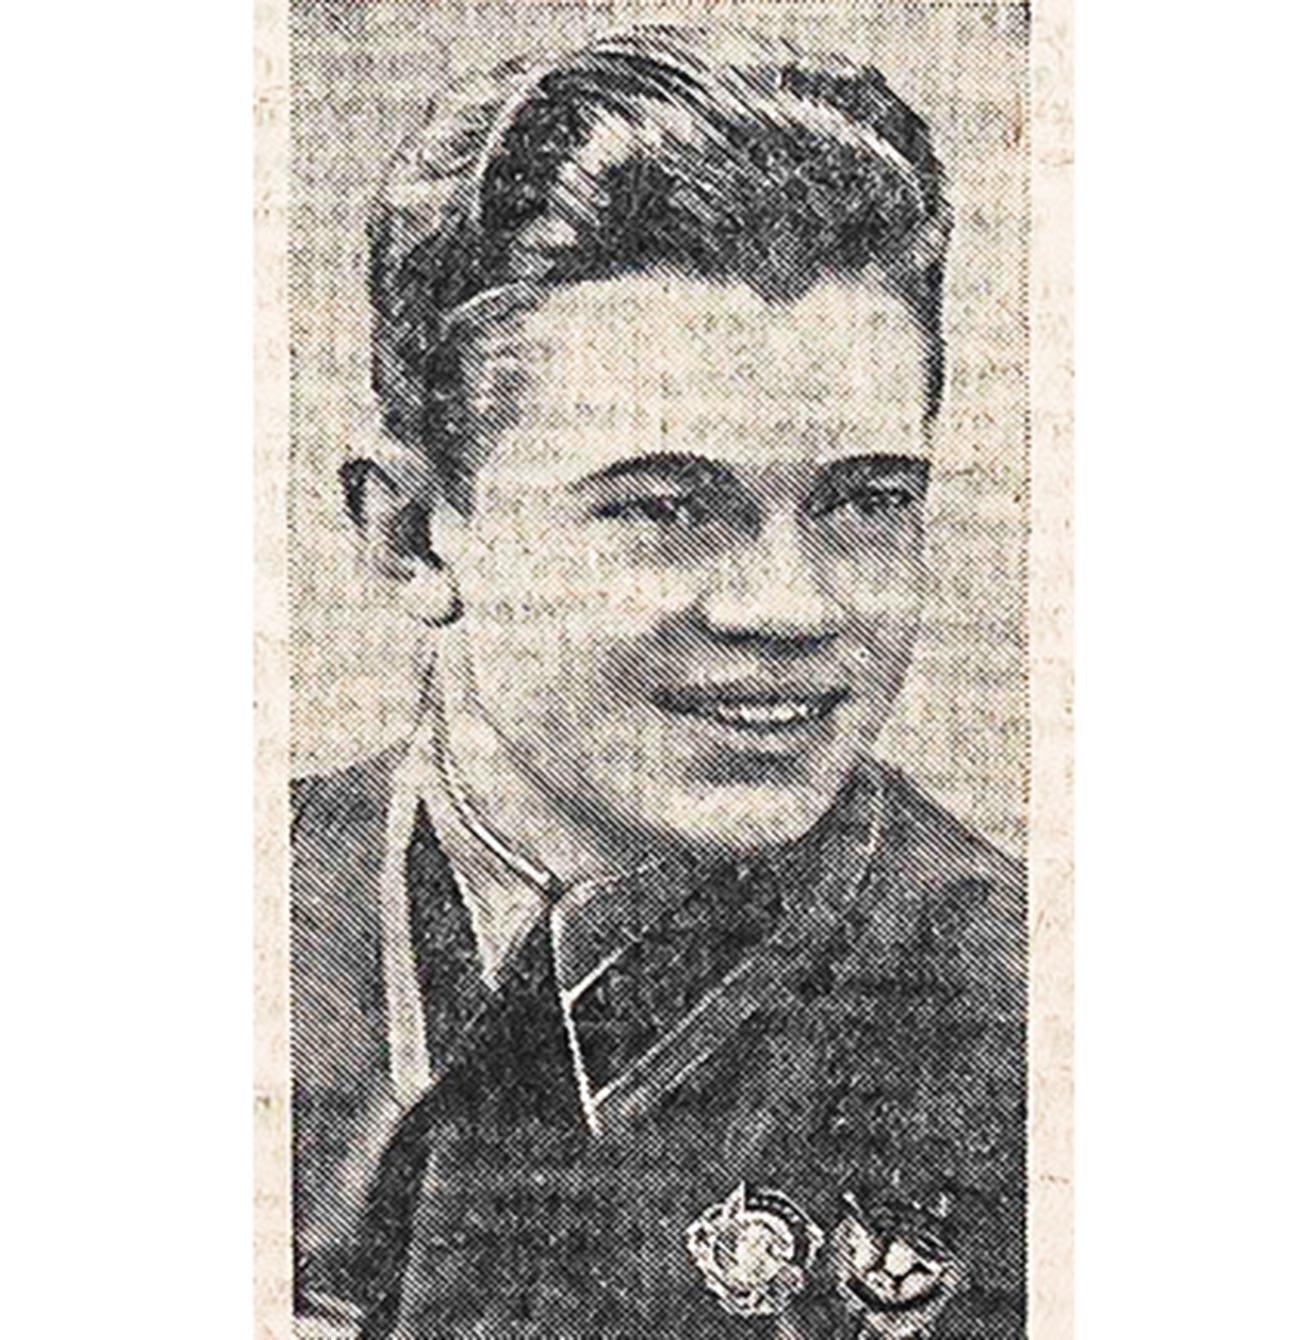 Valentin Purgin